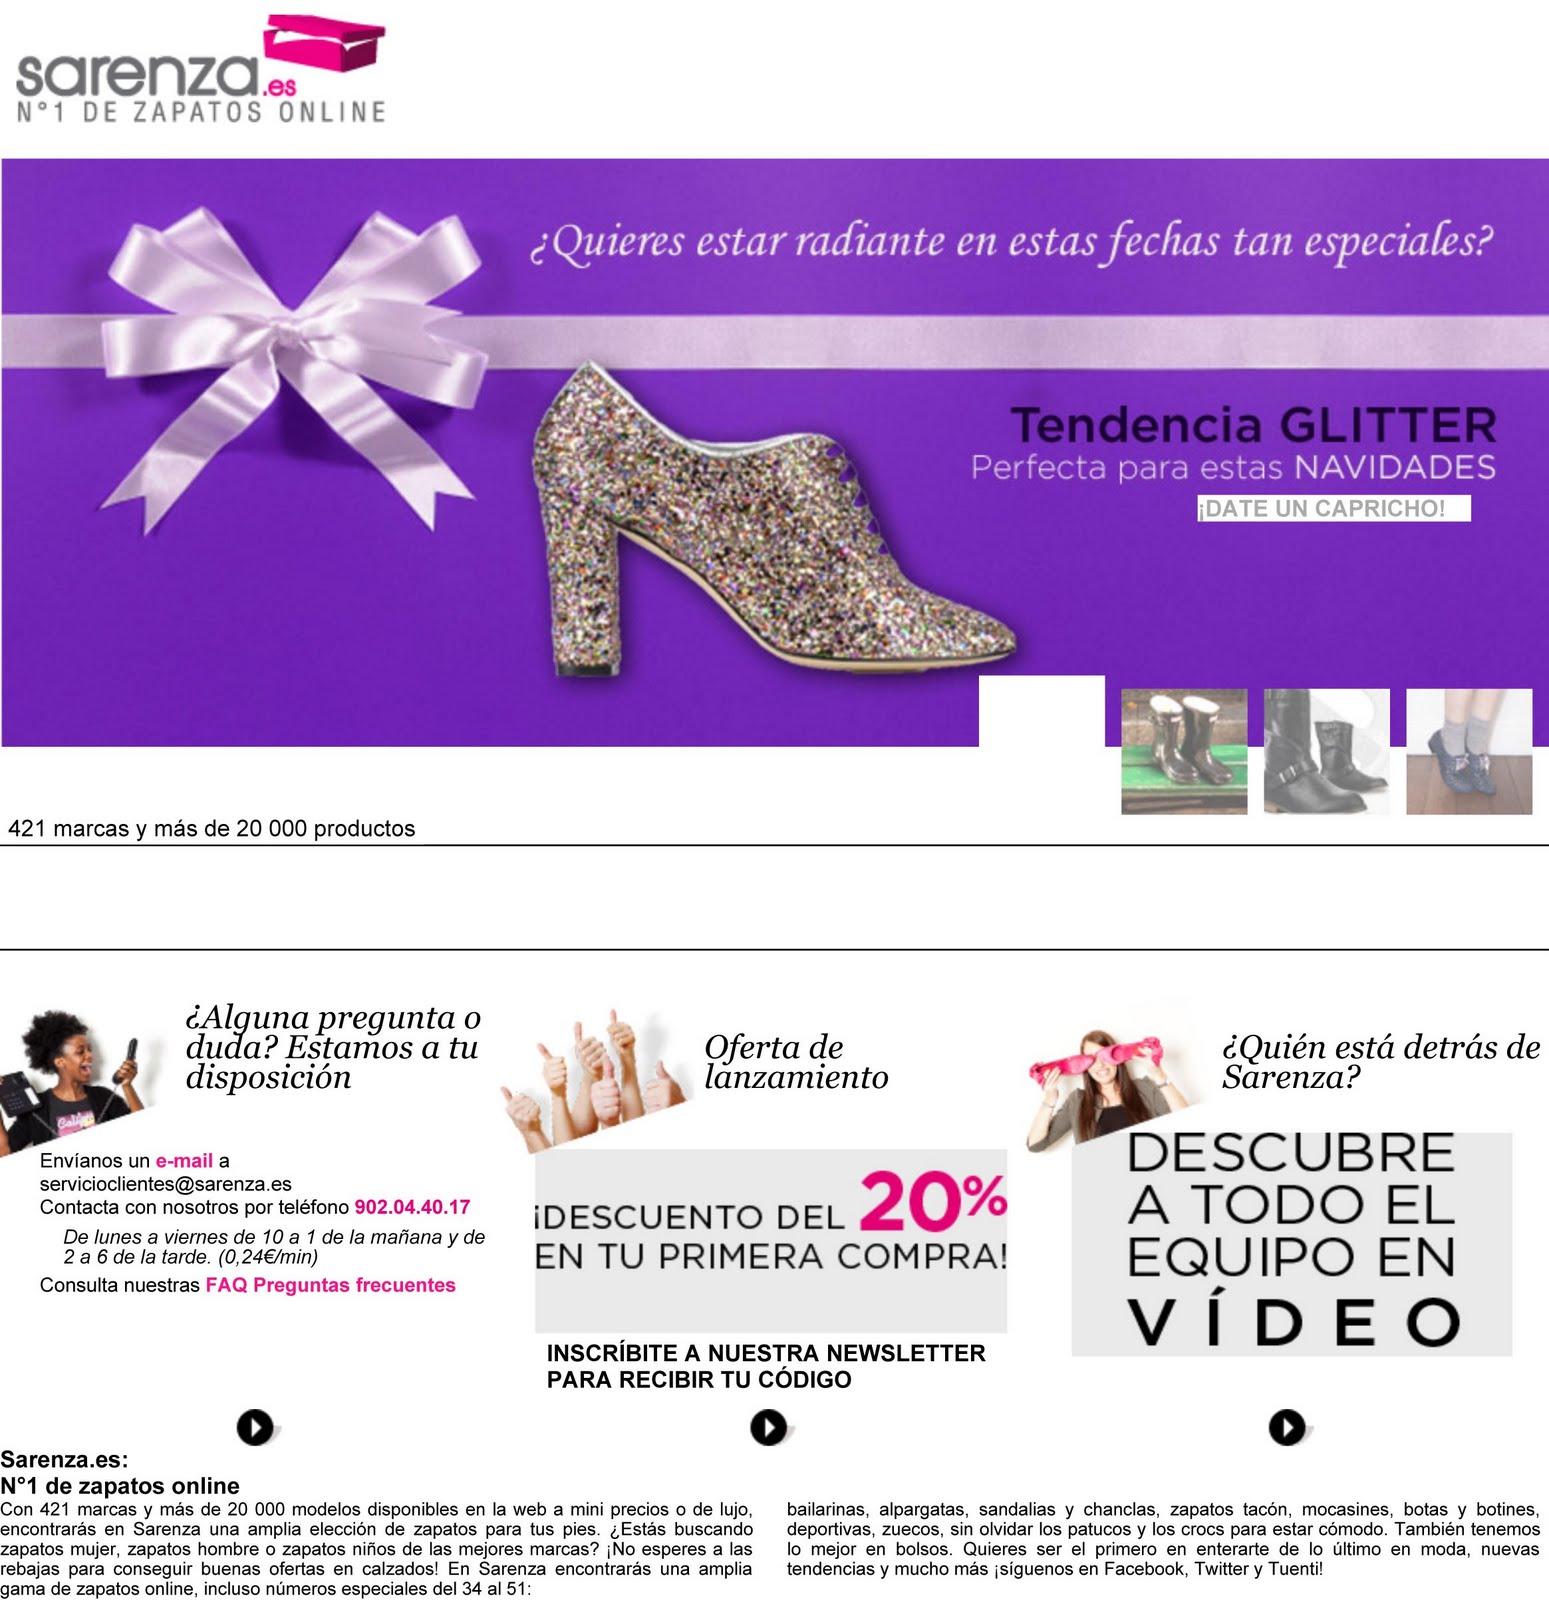 De Silvia Quirós C1tkjlf3 Nº1 Es Online Zapatos Sarenza rxdCBhQts